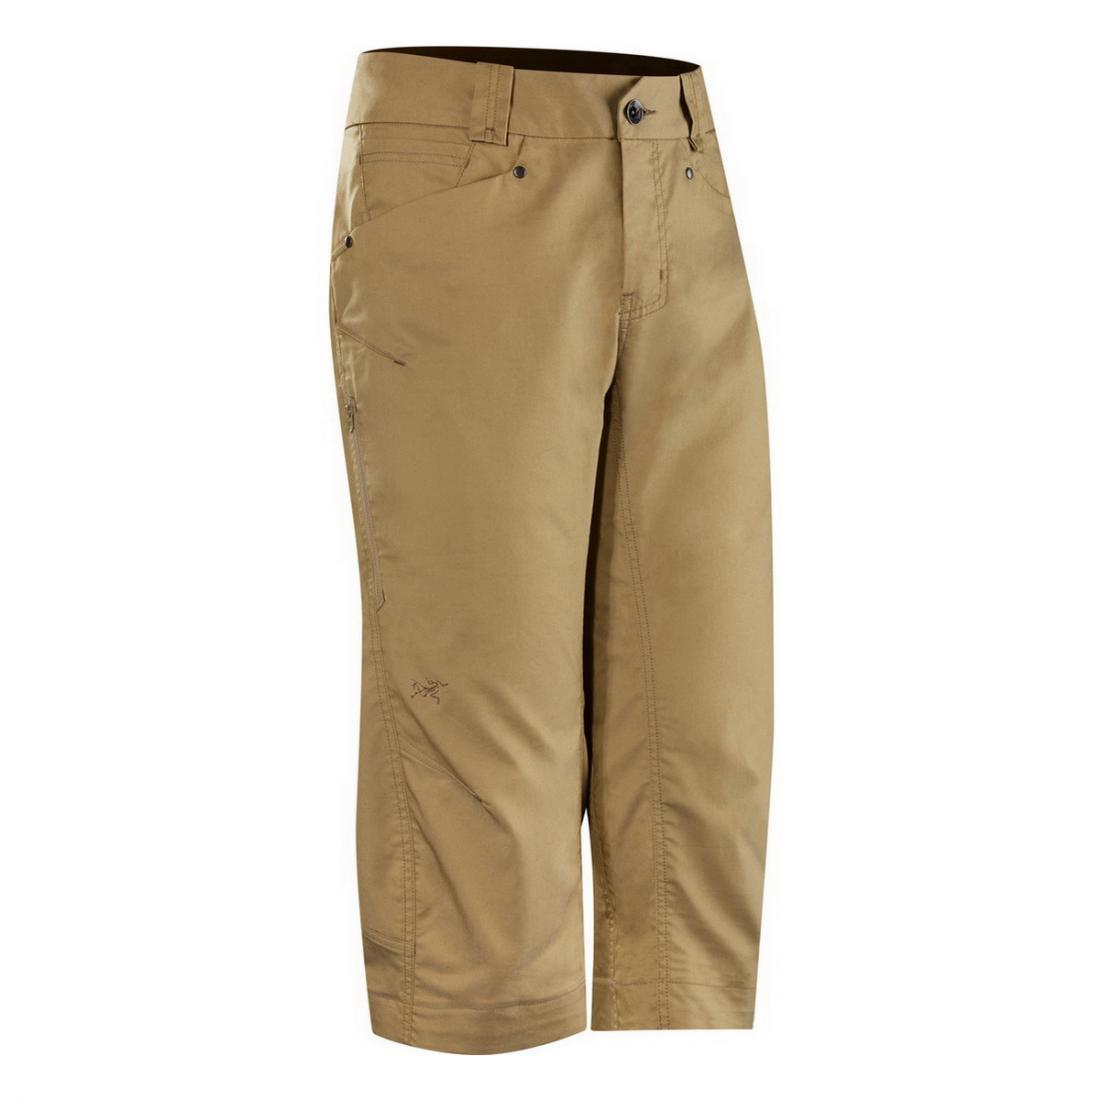 Шорты A2B Commuter Long MensШорты, бриджи<br><br><br><br> Длинные мужские шорты A2B Commuter Long Mens от Arcteryx – отличный выбор для путешествий, прогулок на велосипеде или повседневной носки в городе в приятную летнюю погоду. Ткань изделия имитирует деним, придавая шортам стильный вид. <br>&lt;/...<br><br>Цвет: Коричневый<br>Размер: 36